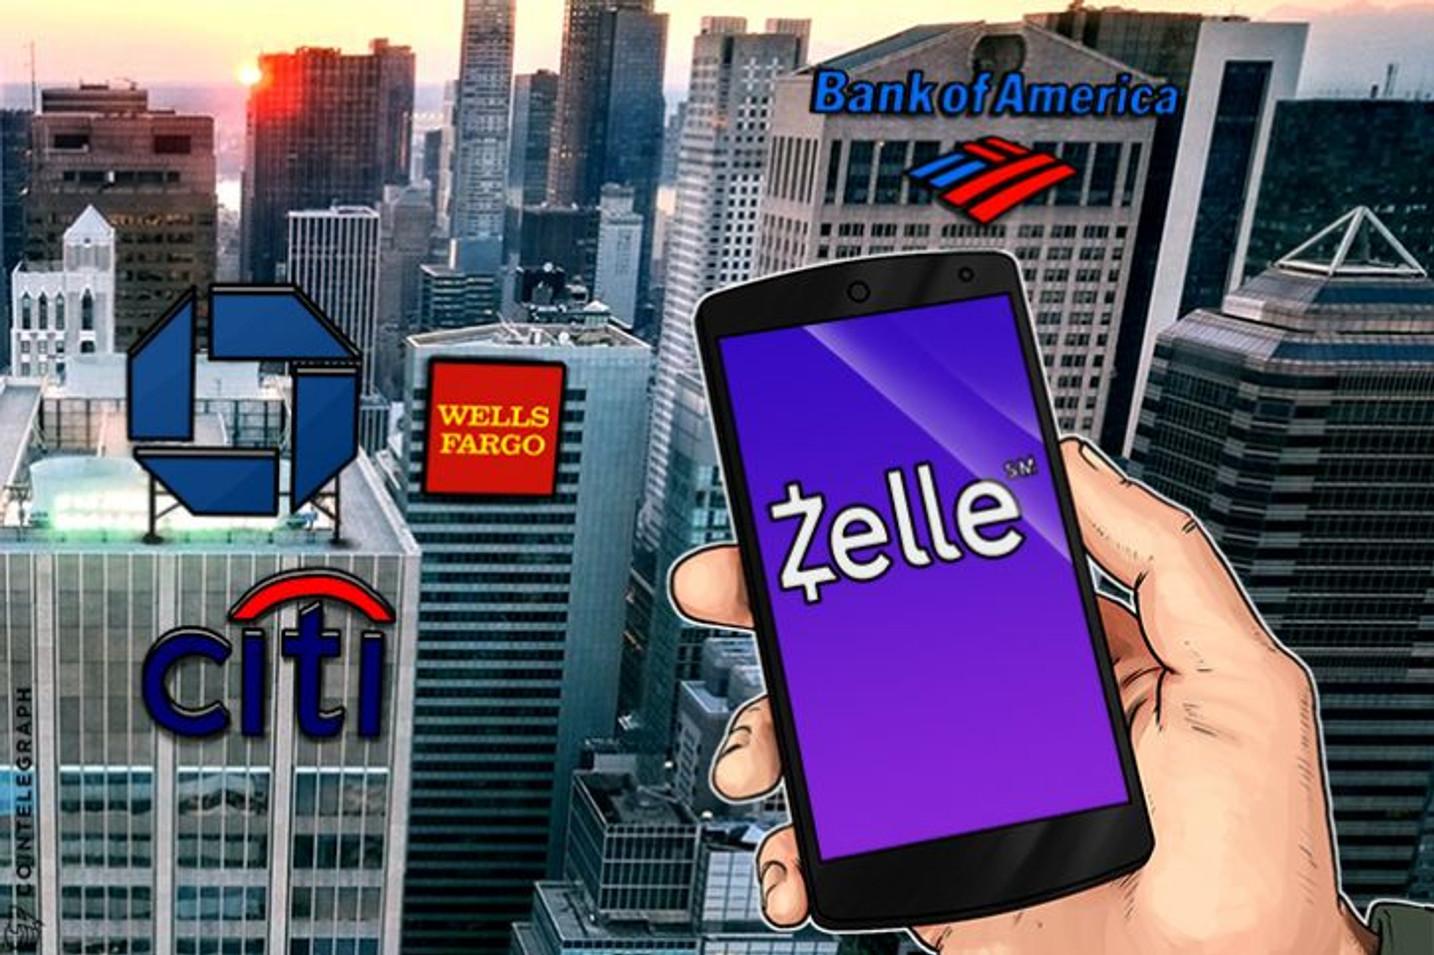 Američke banke izbacuju aplikaciju za mobilna plaćanja